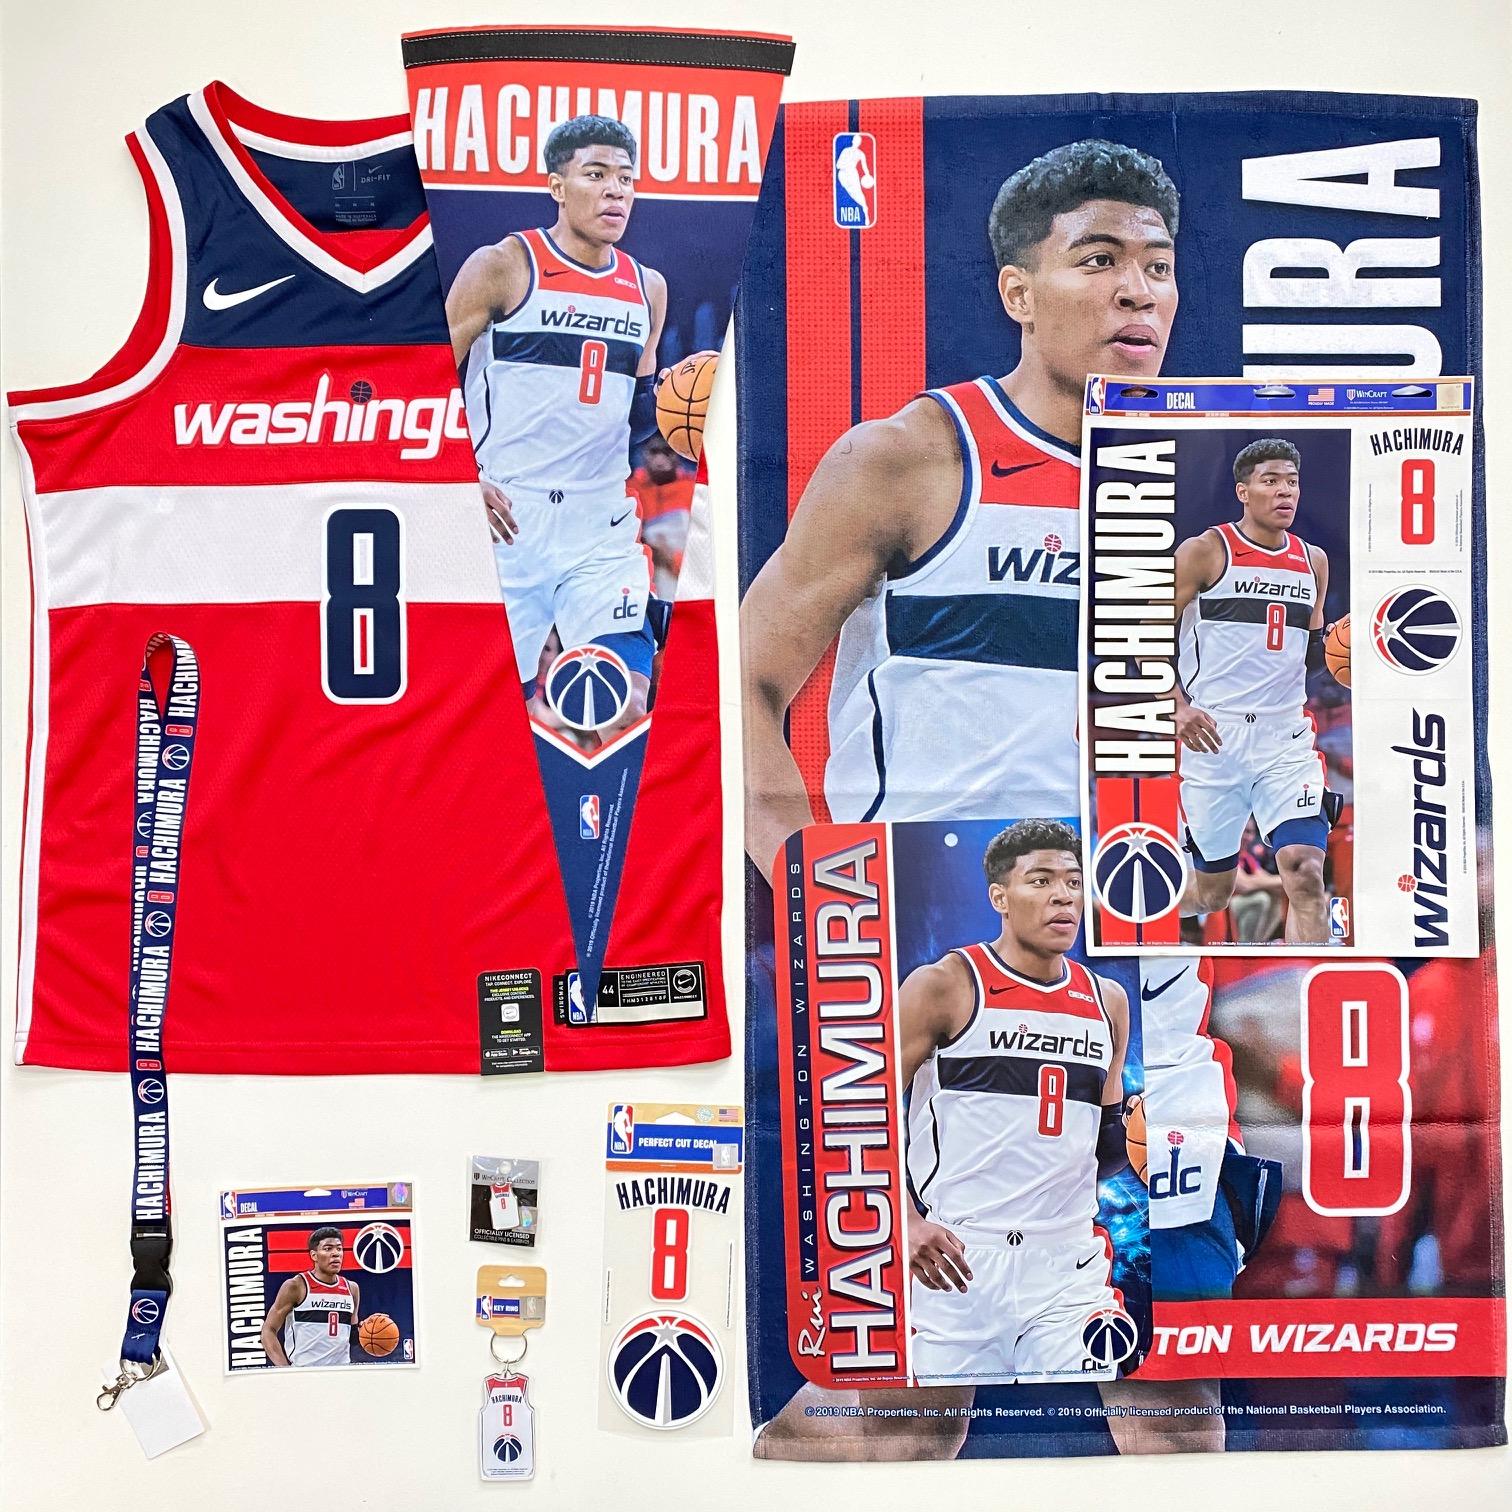 HACHIMURAPACK / NBA / 八村塁 / パック